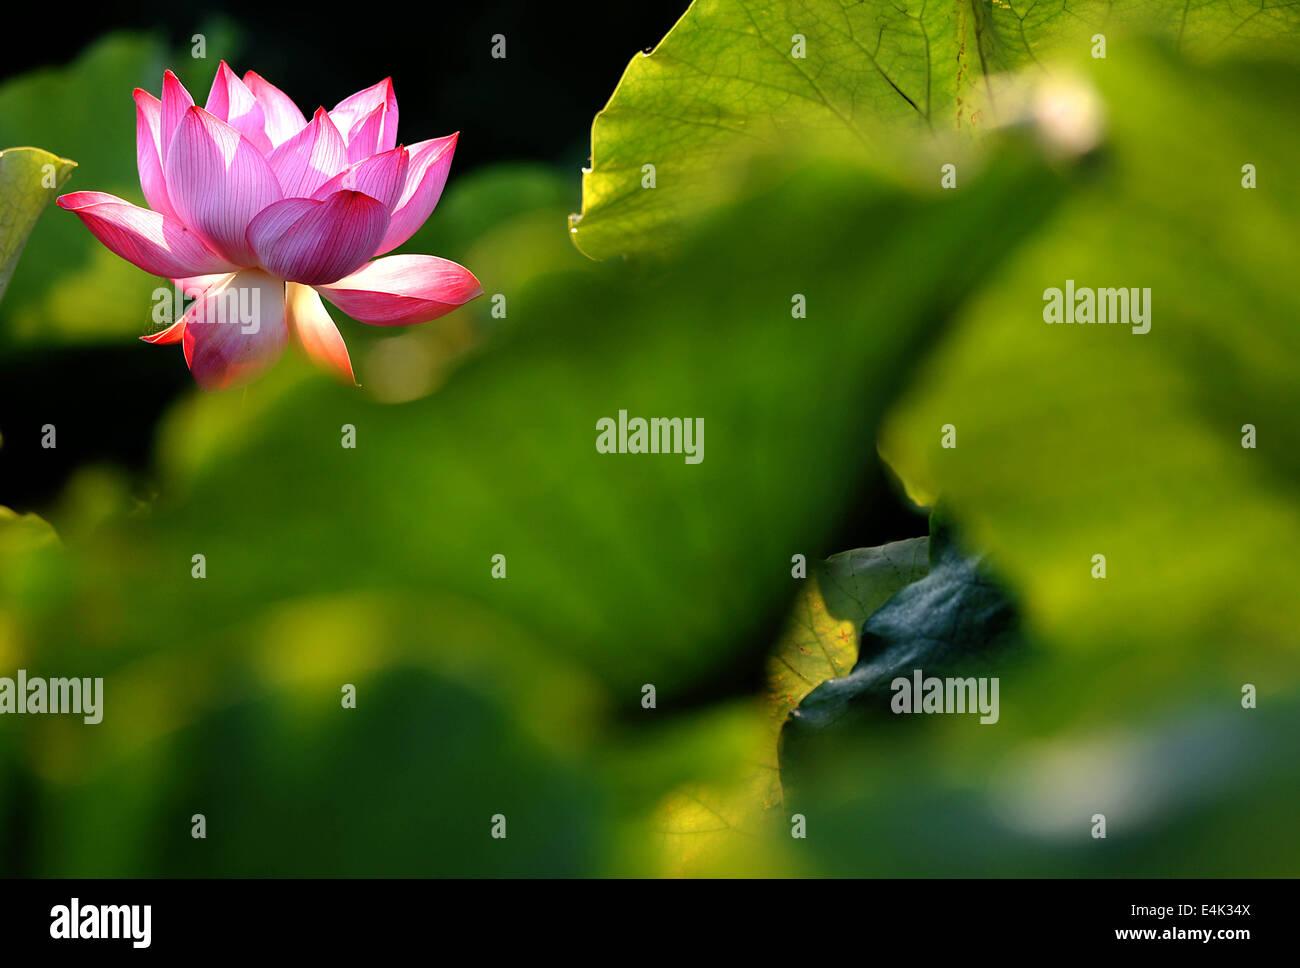 140714 Zhengzhou July 14 2014 Xinhua A Lotus Flower Is In